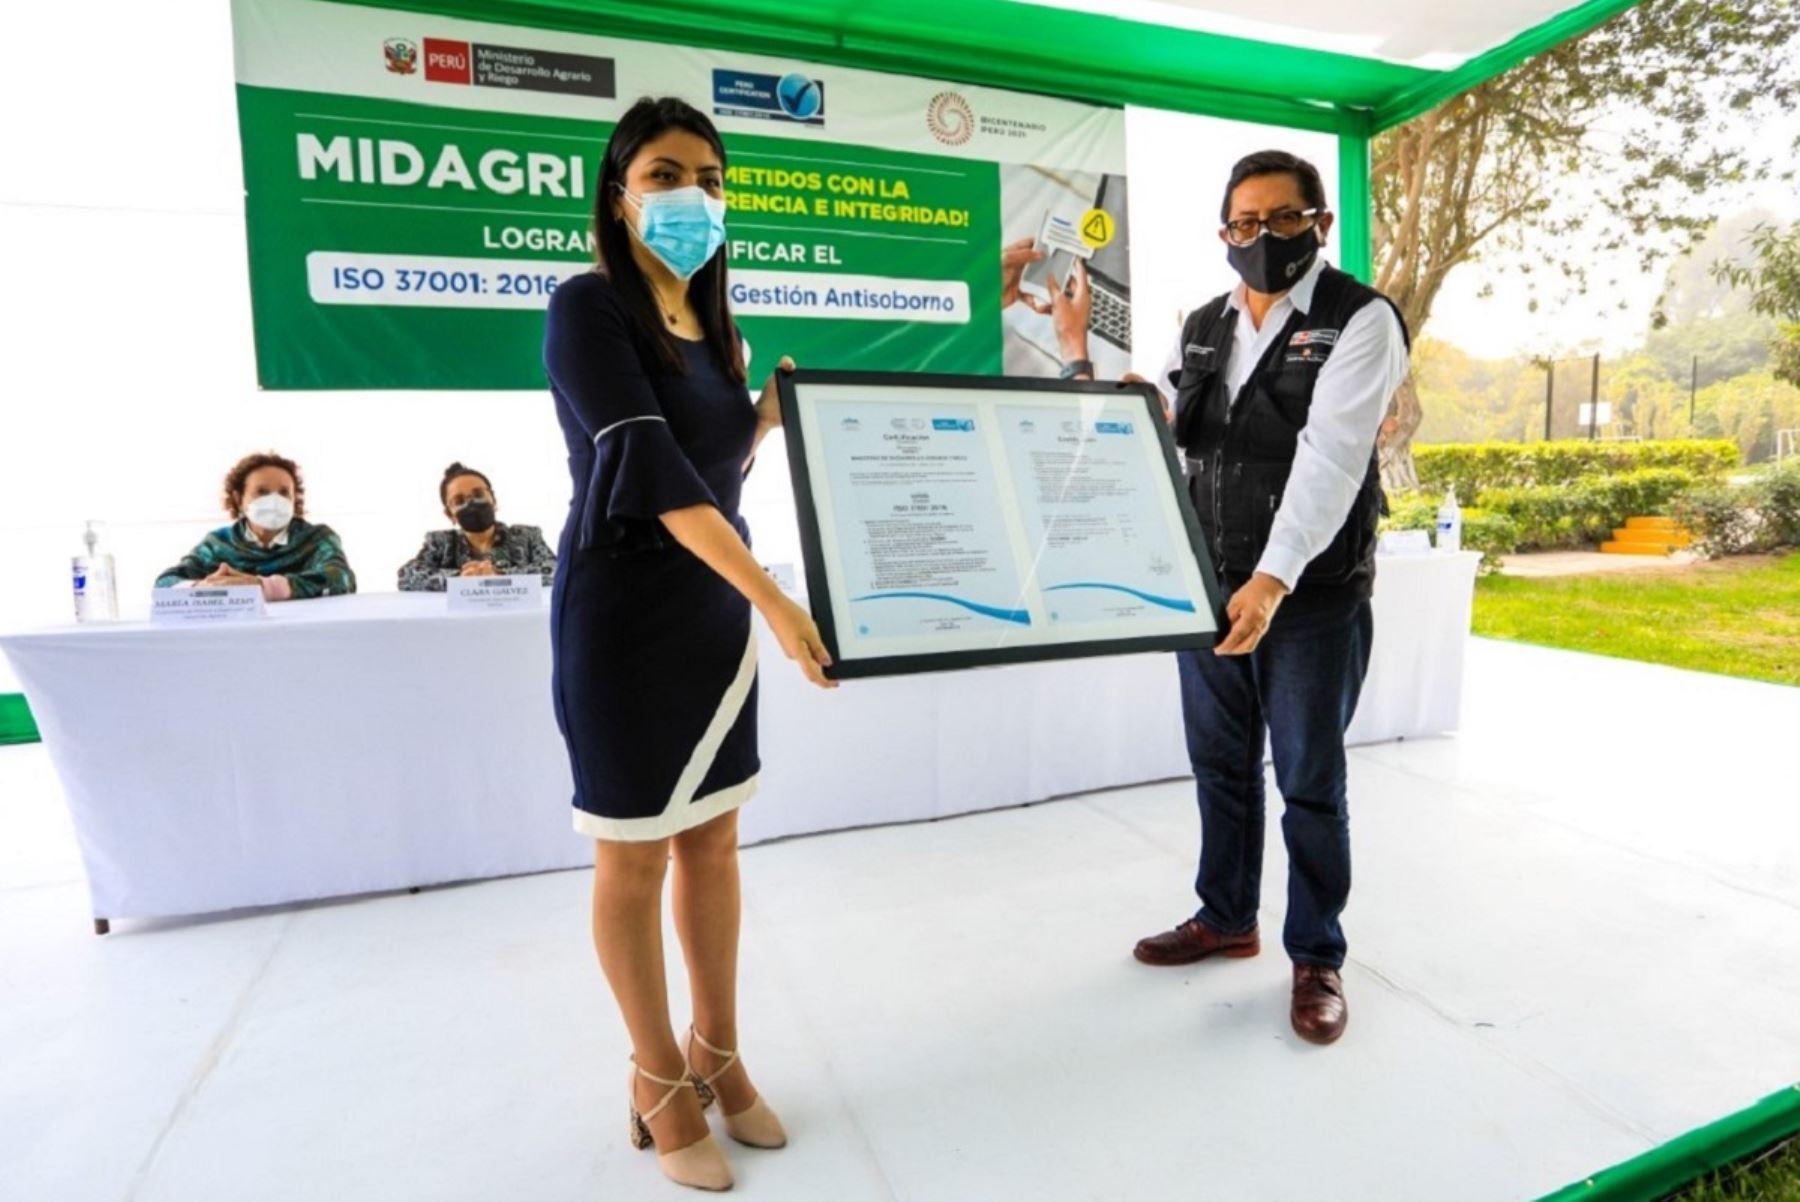 Titular del Midagri, Federico Tenorio, muestra certificación de gestión antisoborno a su cartera ministerial. Foto: Cortesía.